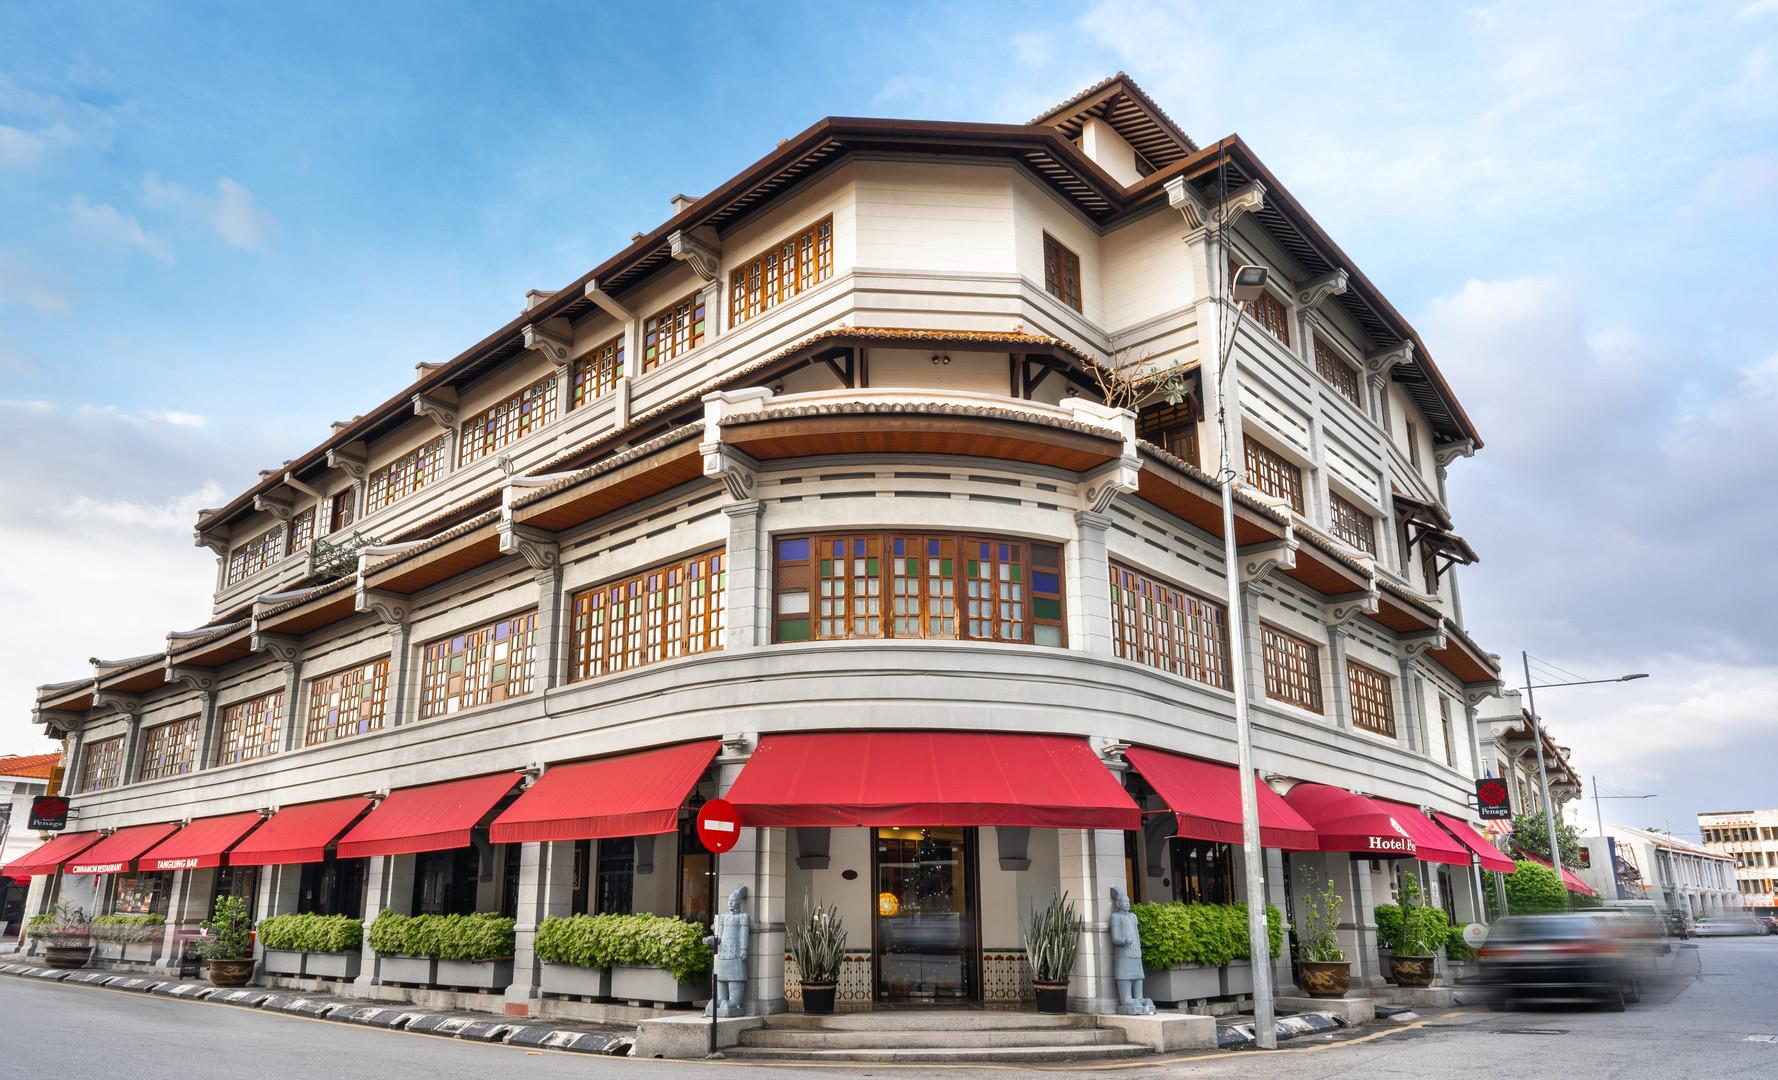 Hotel Penaga - Facade (Day View)